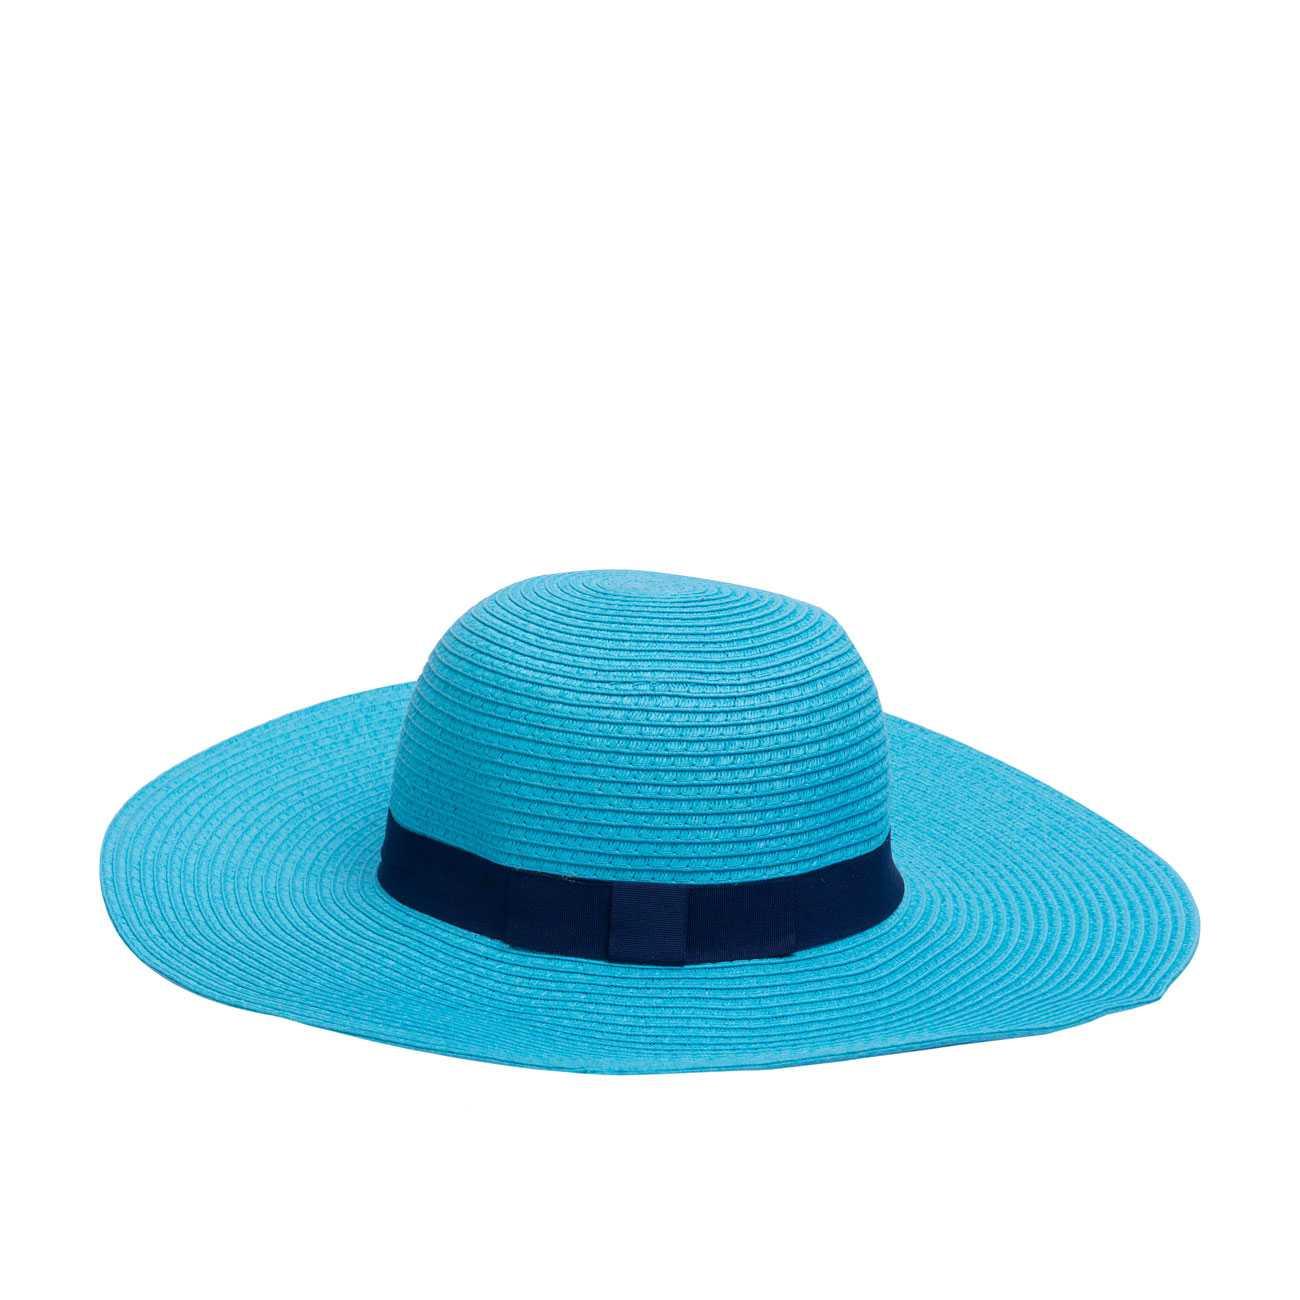 Hat Copacabana Turquoise imagine